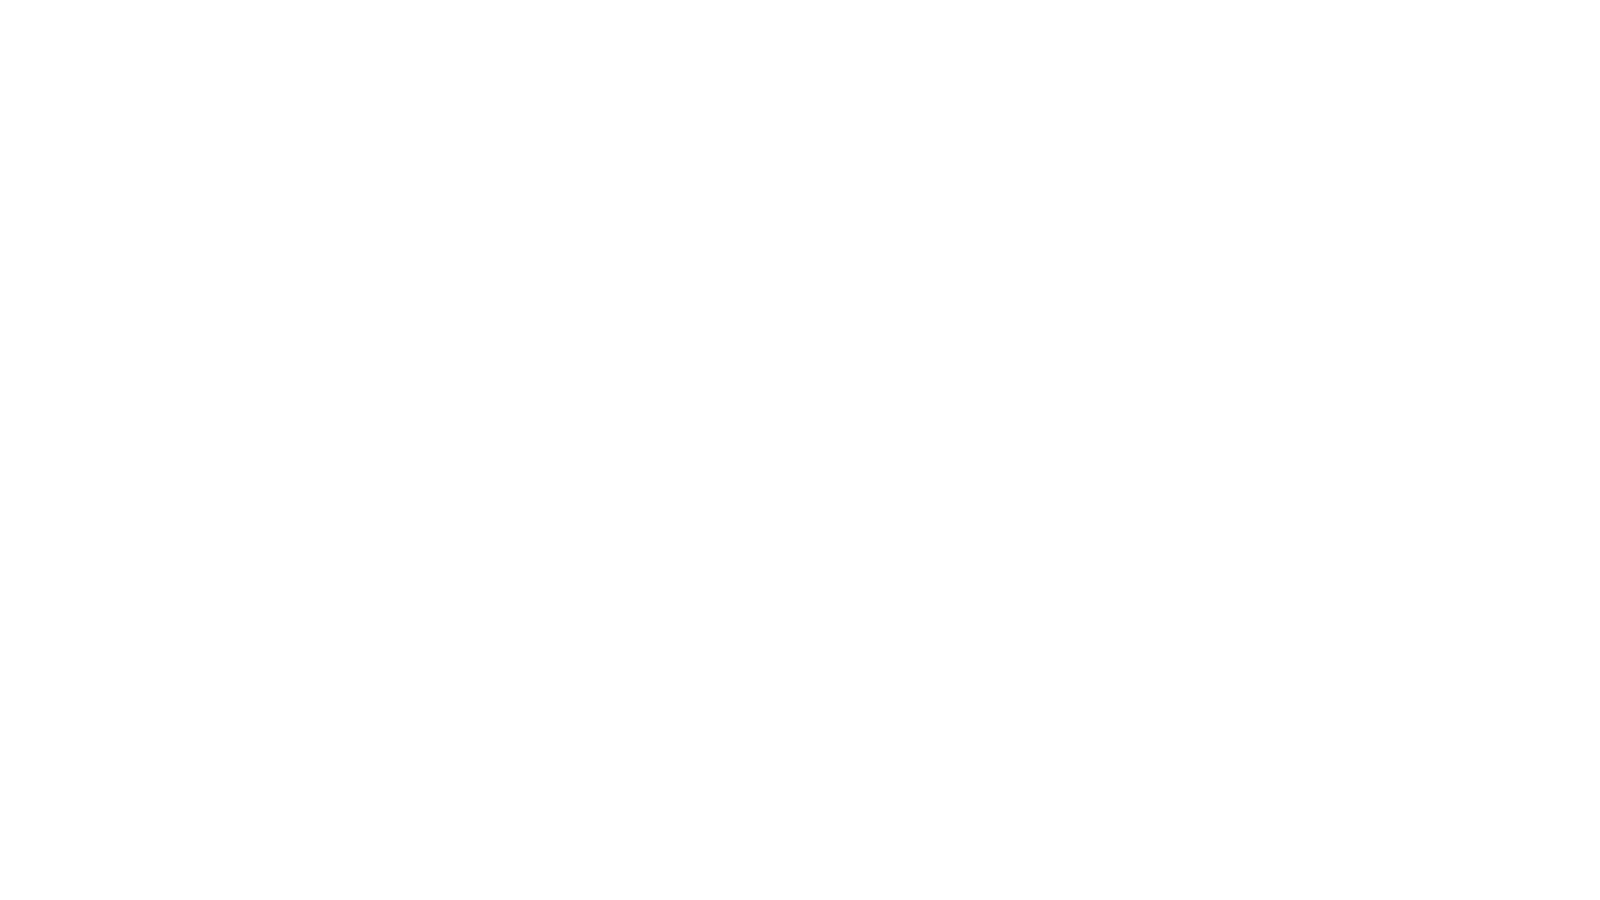 """Um den """"Welttag des Buches"""" zu feiern und zu ehren, liest K.A. Miller auf der Eulenbühne ihr erstes Bilderbuch """"die Eule mit dem Stinkefuß"""" vor. """"die Eule mit dem Stinkefuß"""" ist das erste Bilderbuch, welches mit dem Blauen Engel ausgezeichnet wurde.  ☆ kamiller.de - nachhaltige Kinderbücher ☆  """"die Eule mit dem Stinkefuß""""! Das erste nachhaltige Bilderbuch, das mit dem Umweltzeichen Blauer Engel ausgezeichnet wurde.  Erhältlich unter  kamiller.de 🦉  und im Handel, ISBN: 978-3000661143.  #welttagdesbuches #kamiller_kinderbuecher #dieeulemitdemstinkefuß"""